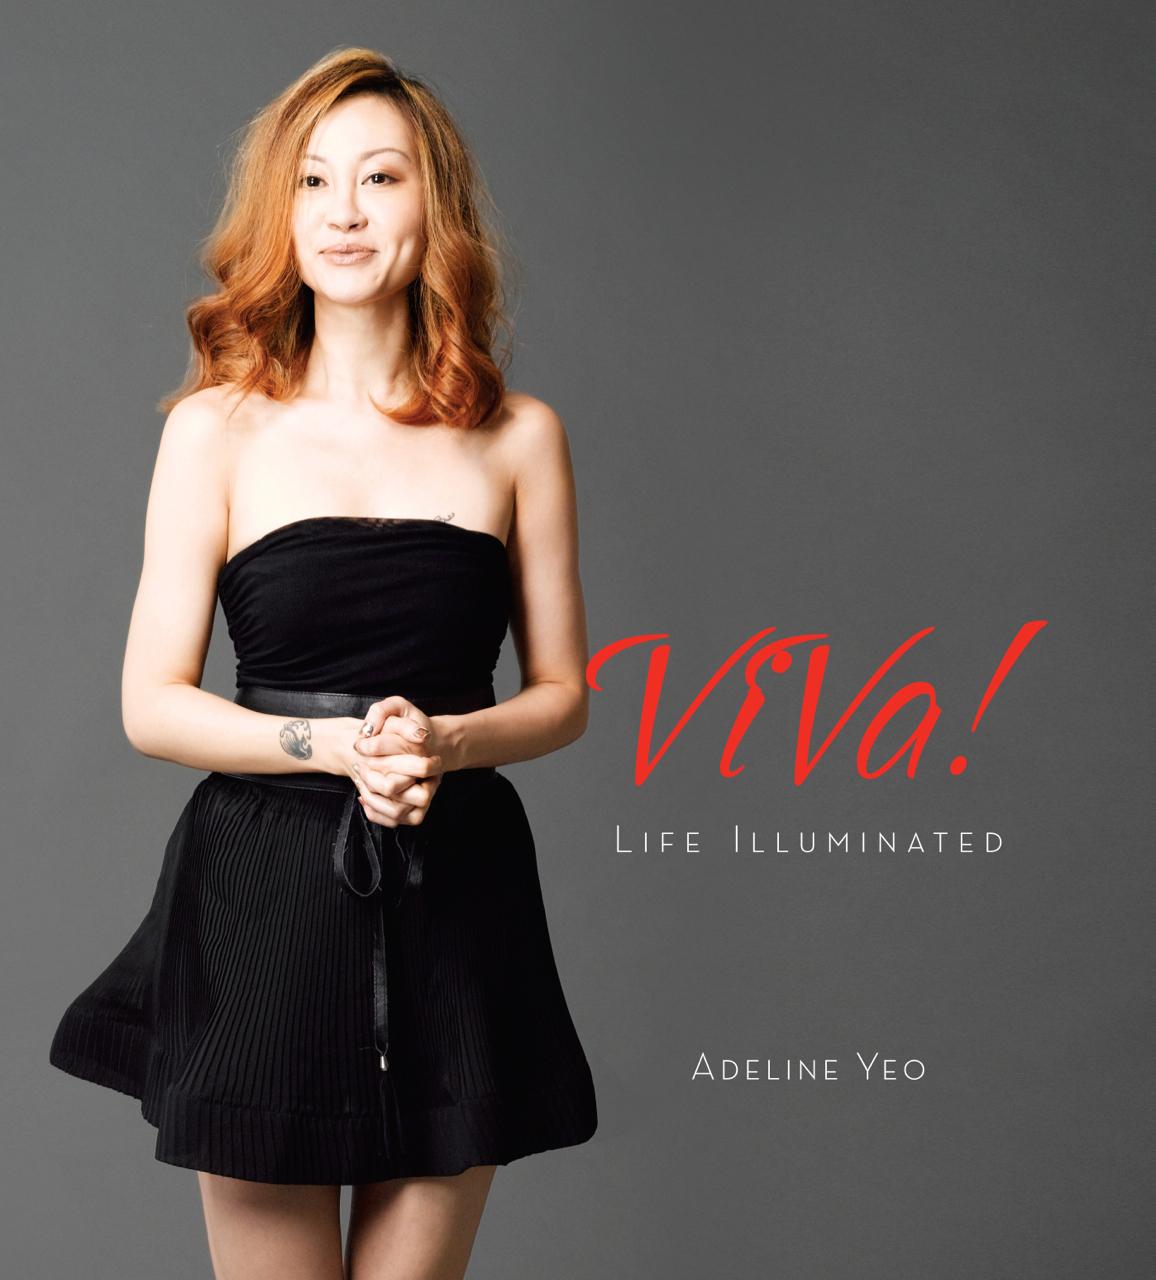 Viva! Adeline Yeo